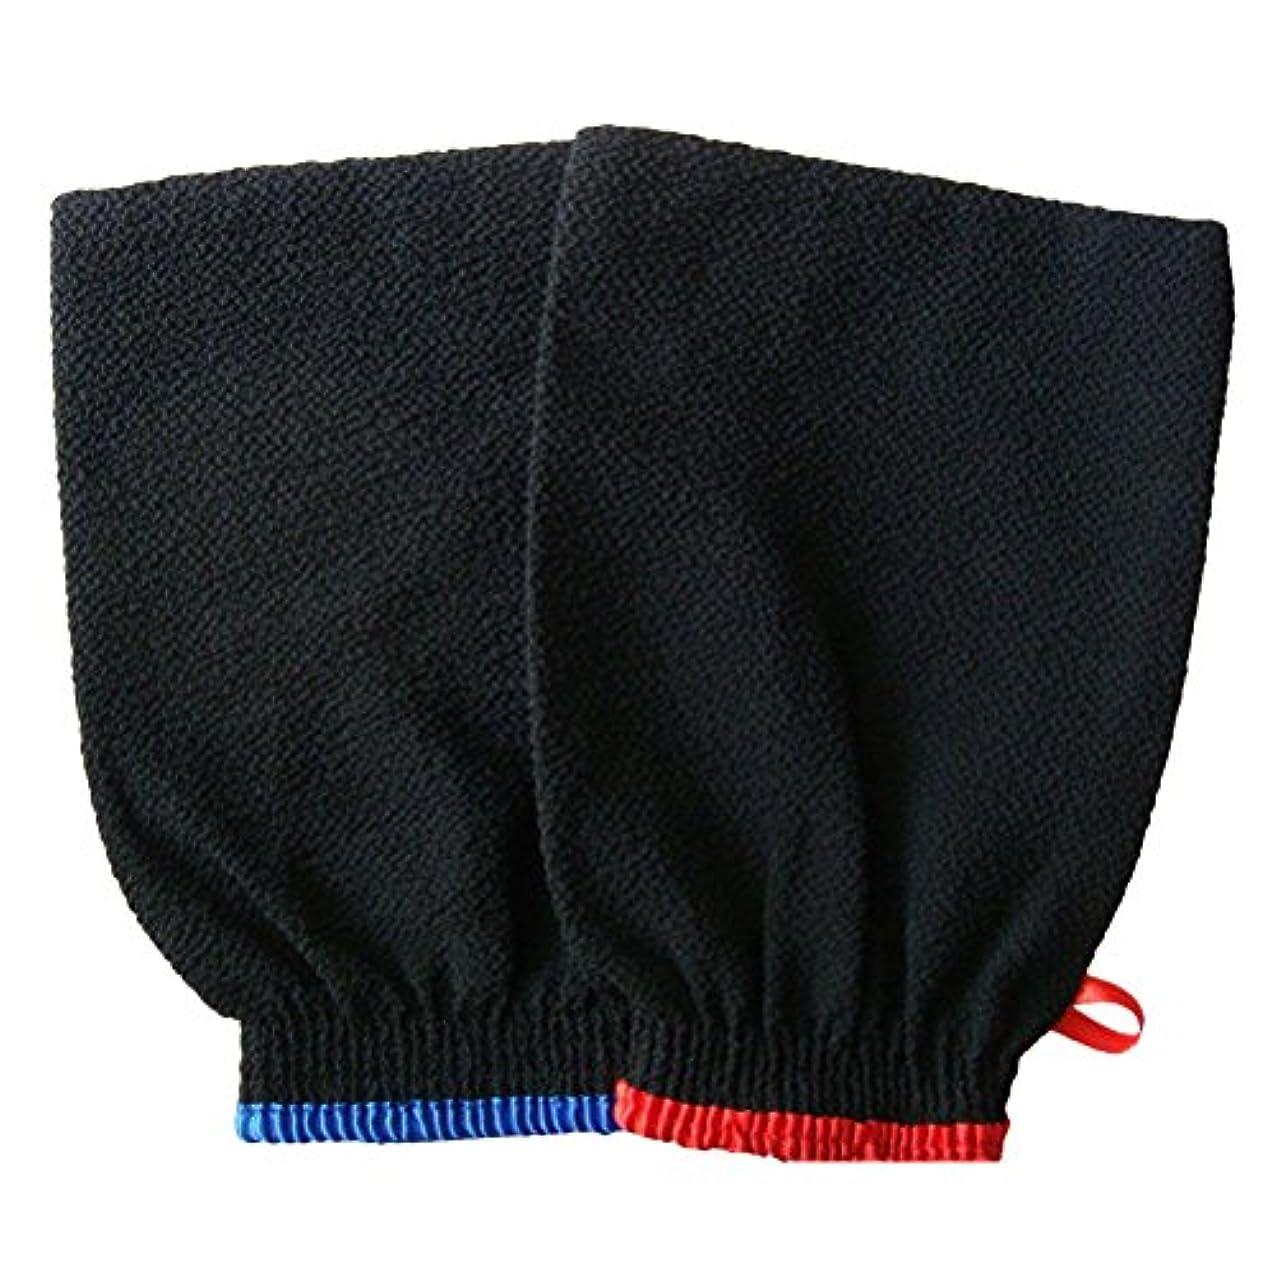 砲兵ホバート学部長ROSENICE エクスフォリエイティングバス手袋シャワー浴室スキンフェイスボディウォッシュマッサージミット男性女性2PCS(ランダムエッジカラー)